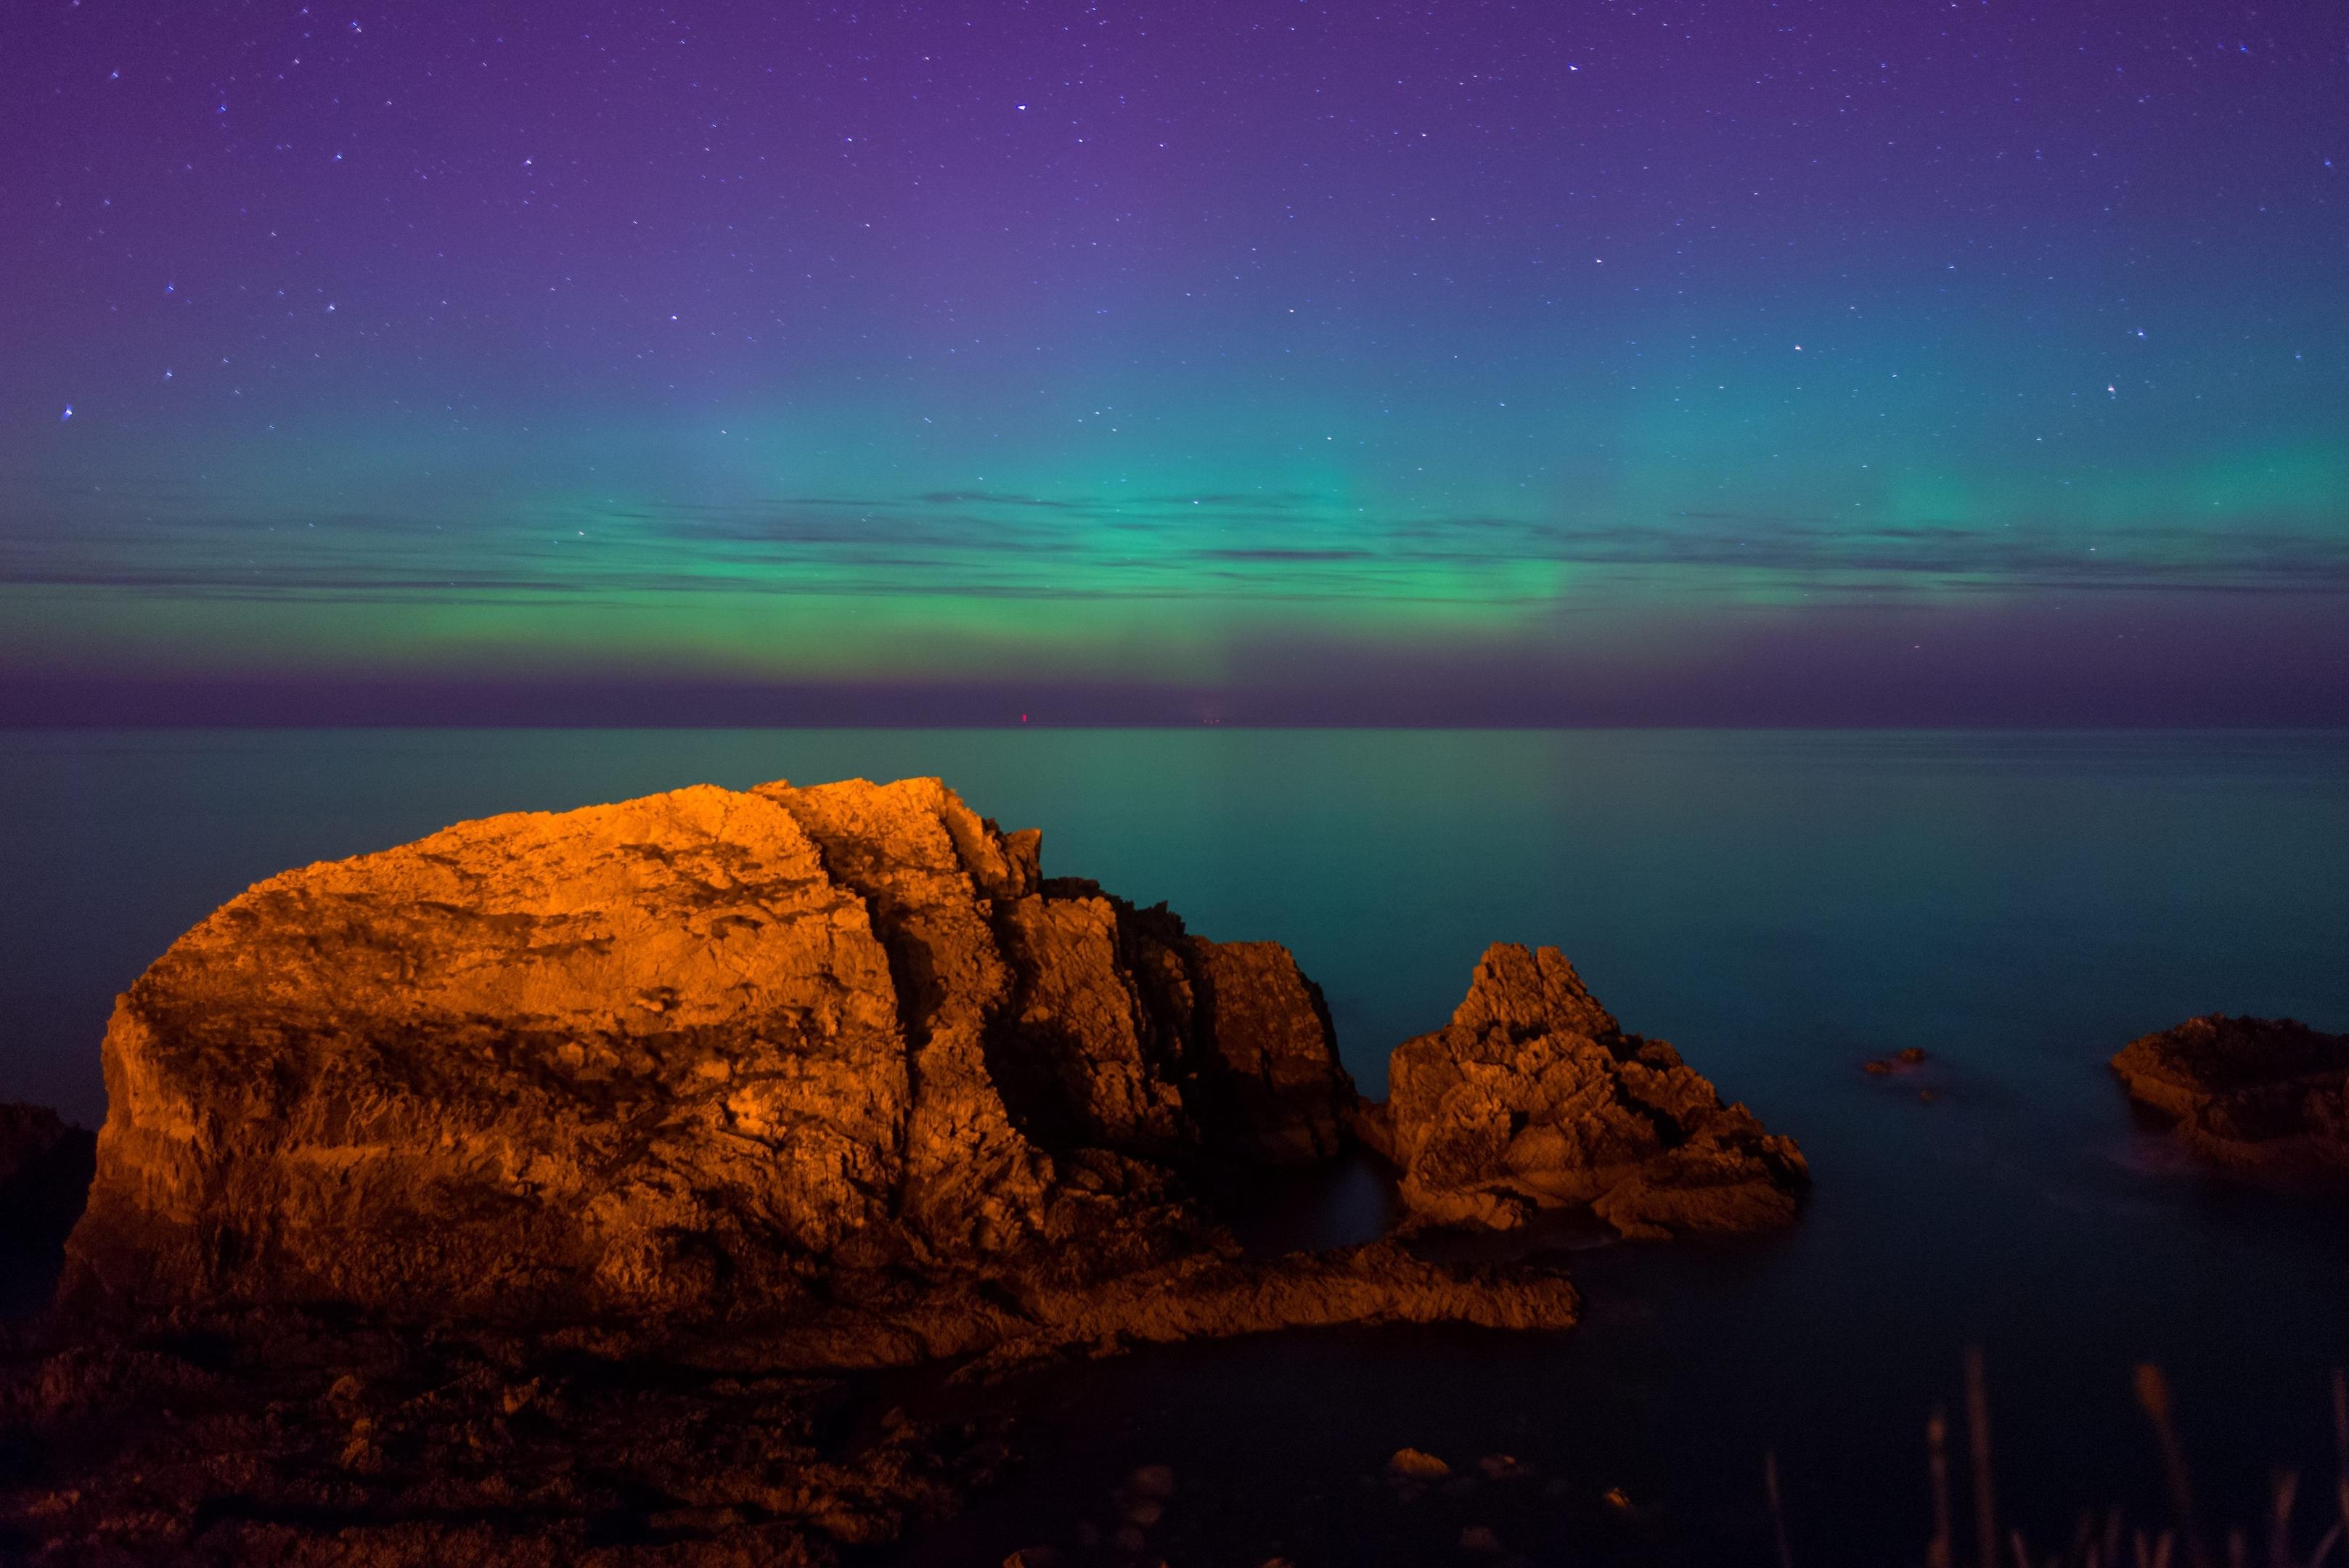 Stunning Aurora seen in Portknockie, Scotland,